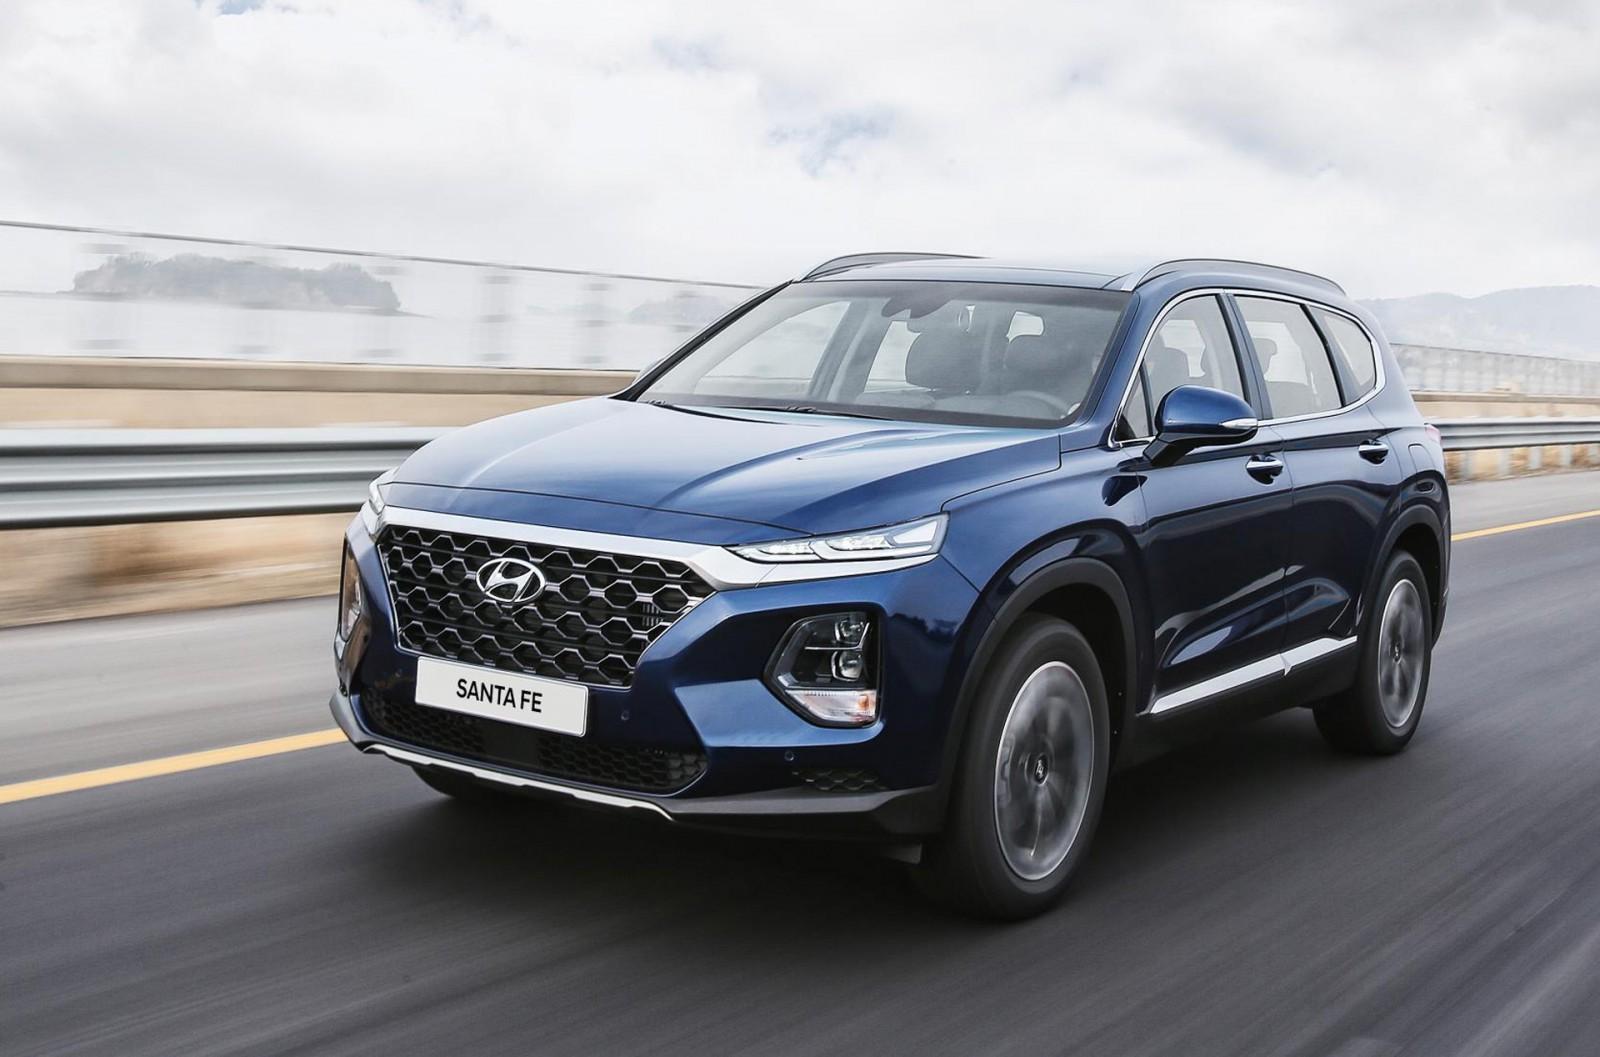 Premieră națională a noii generații Hyundai Santa Fe